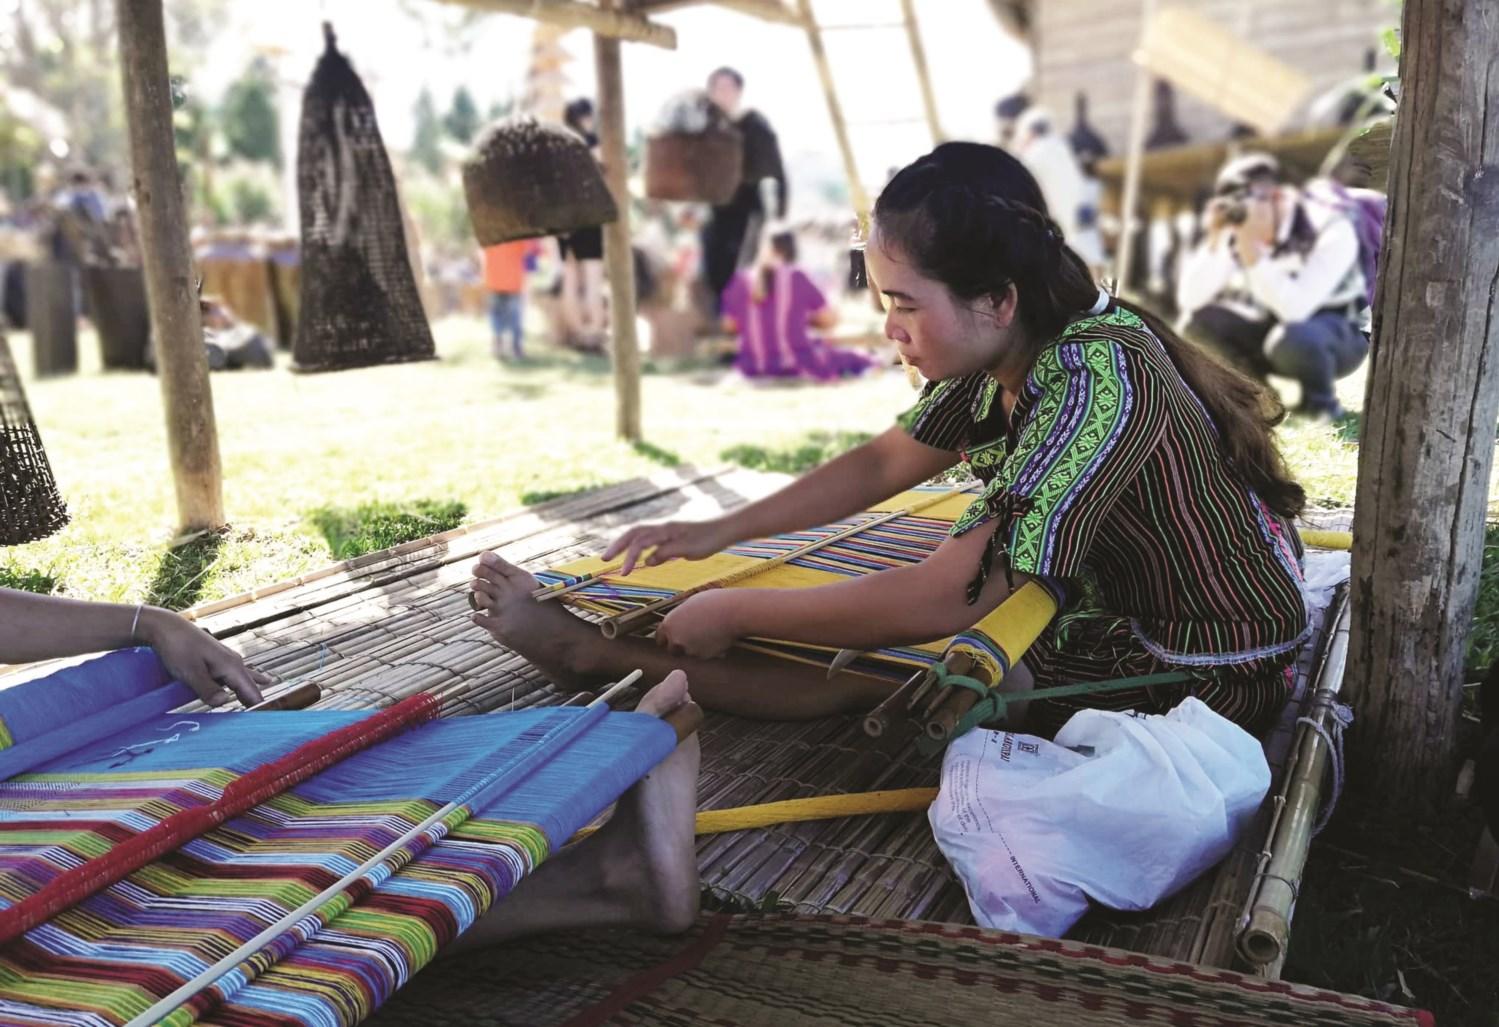 Sơn nữ dệt vải dưới chân nhà dài